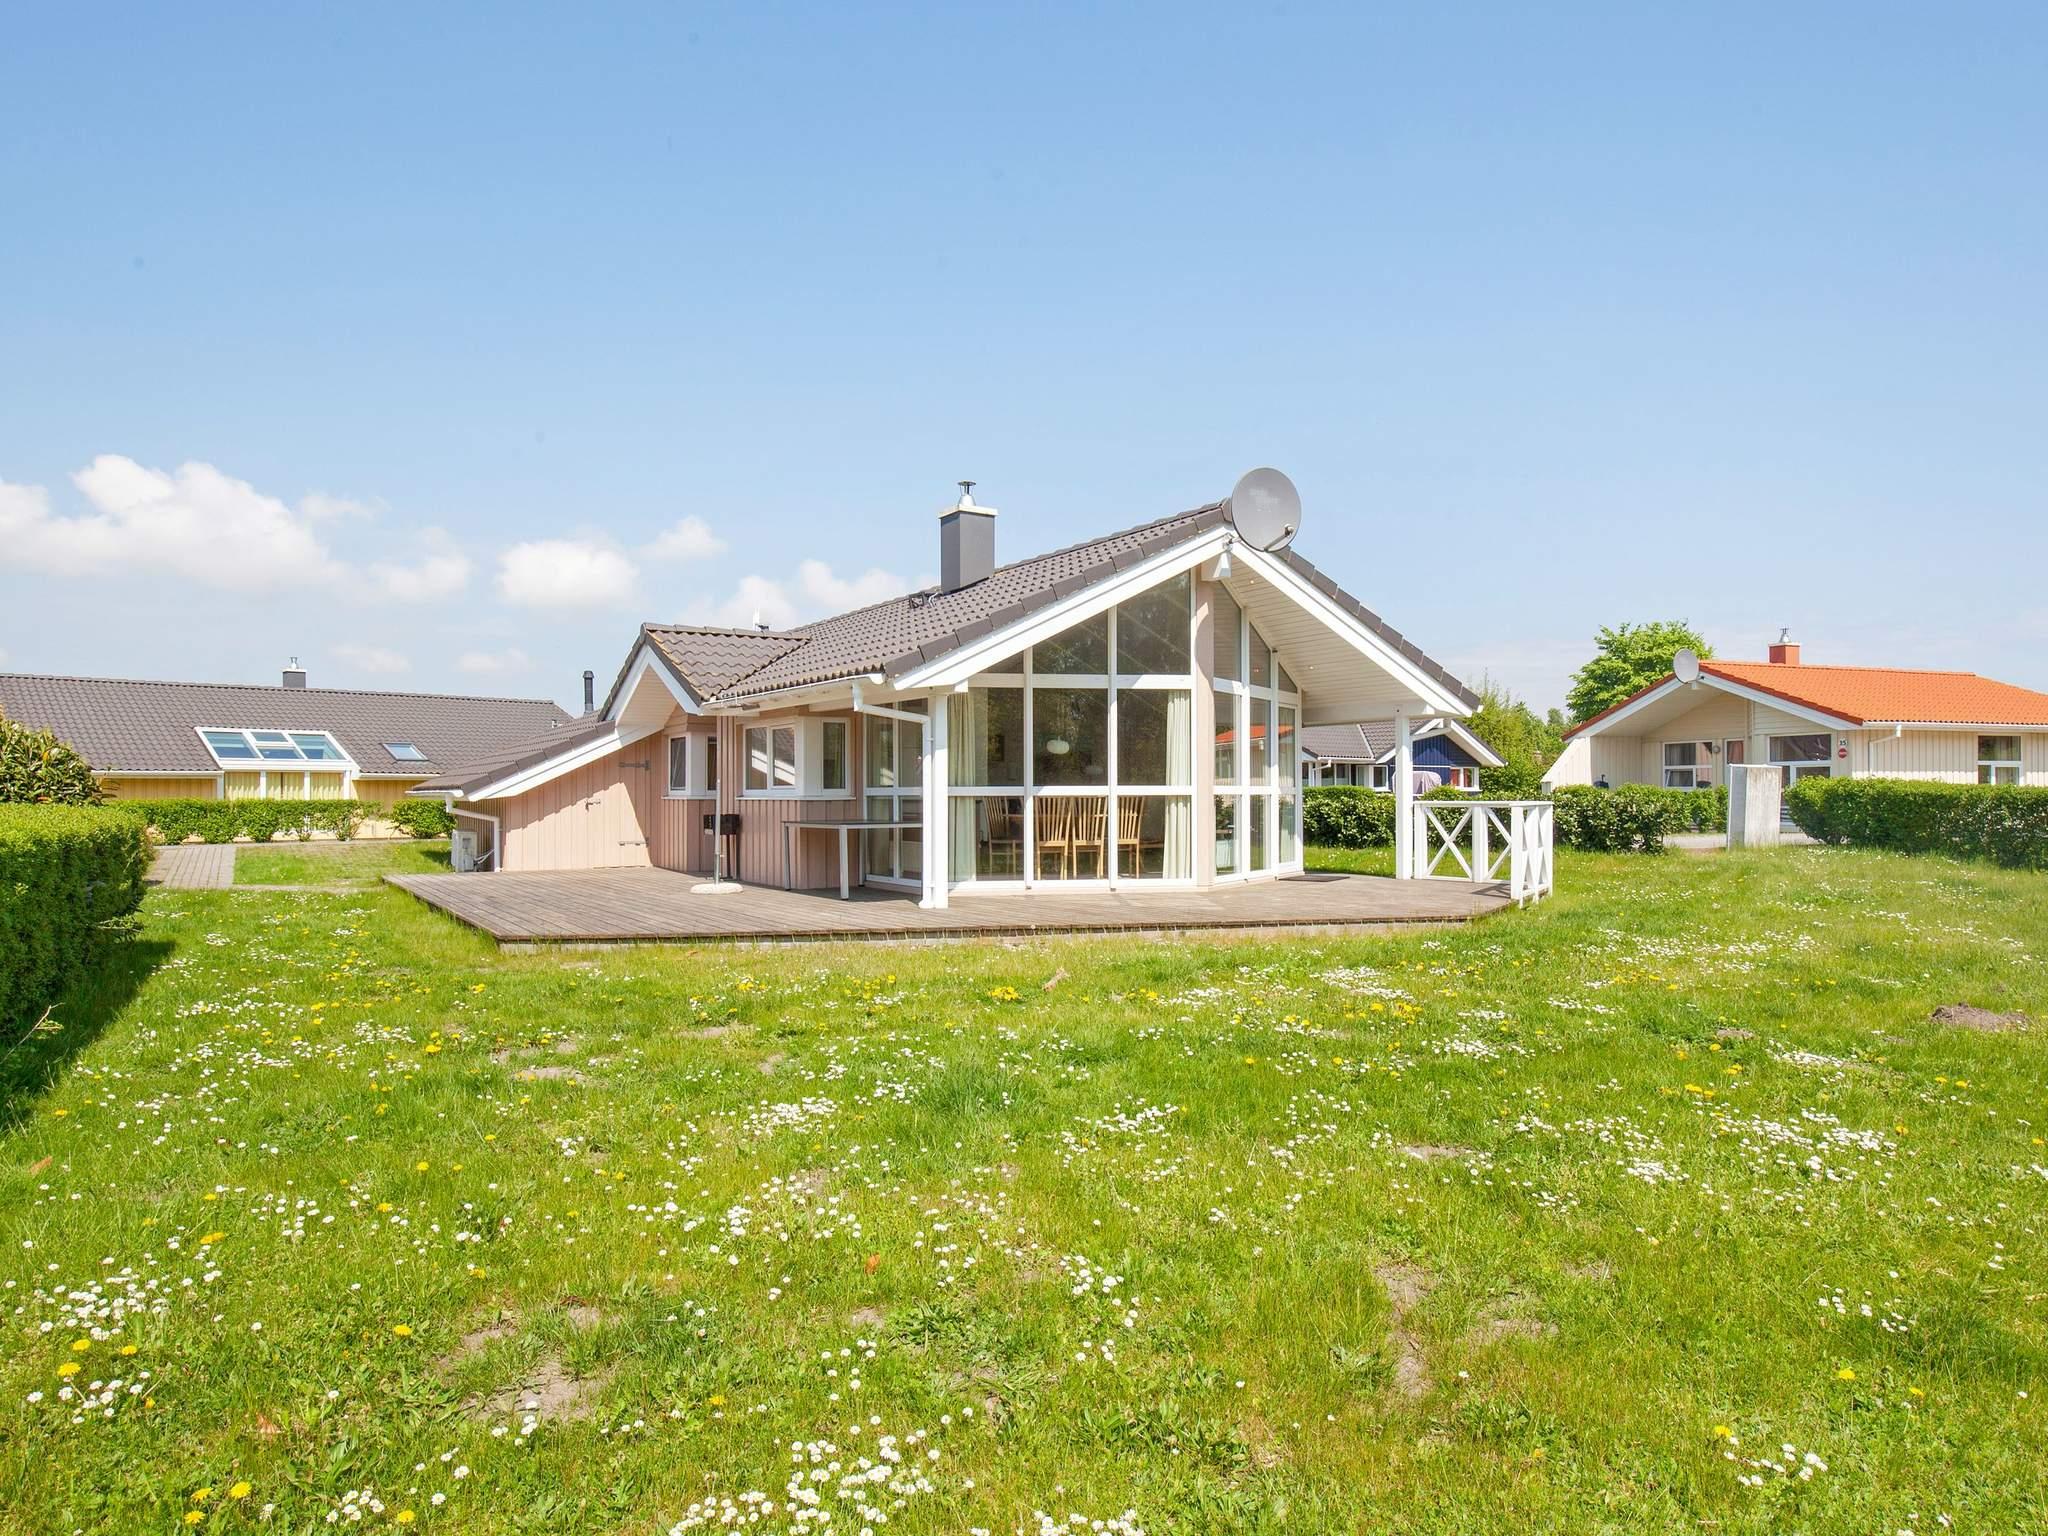 Maison de vacances Grömitz (316467), Grömitz, Baie de Lübeck, Schleswig-Holstein, Allemagne, image 12